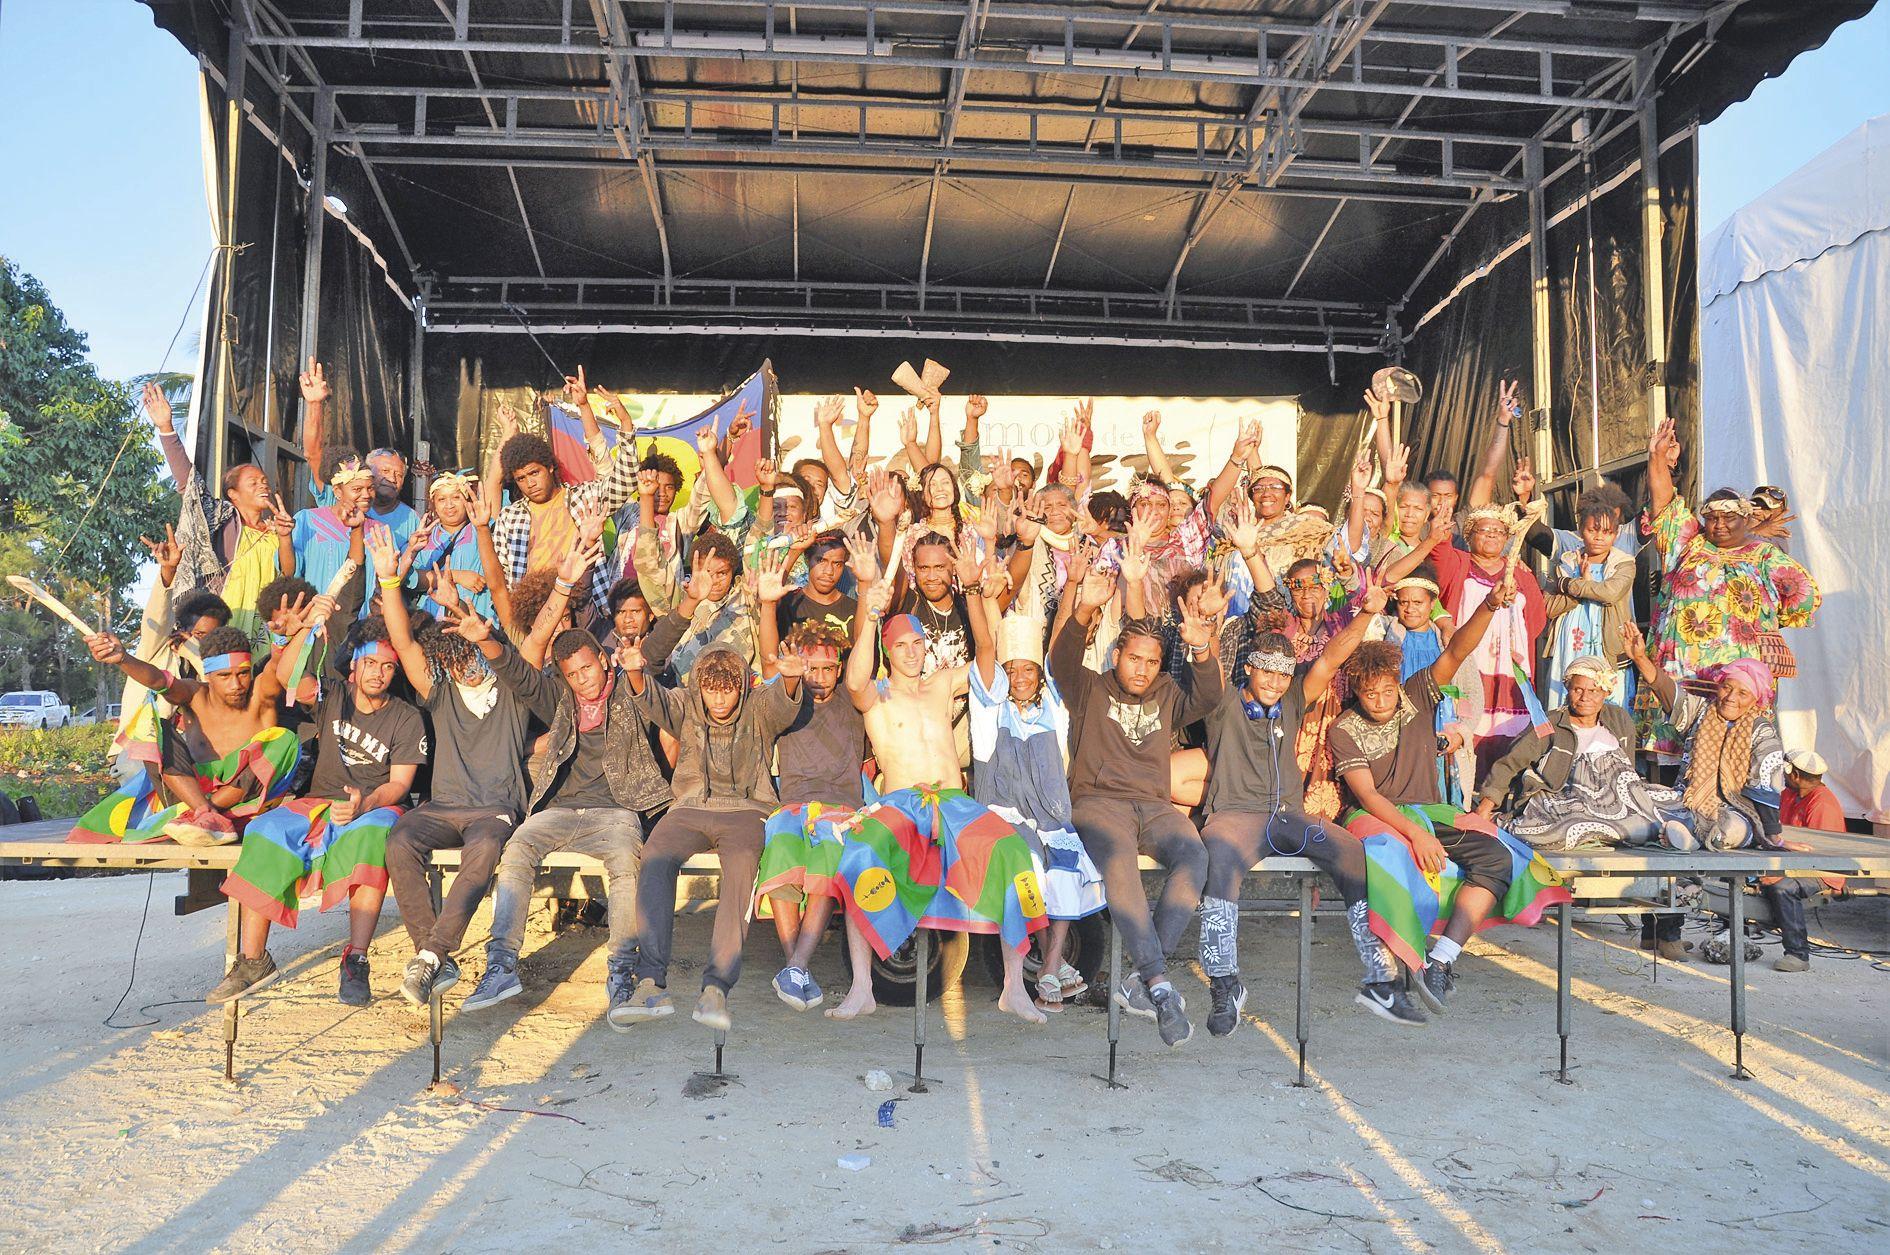 Couture, sculpture, tableaux de sable, tressage, vannerie, art floral, danse de rue, slam, poésie, théâtre, musique, … autant d'expressions artistiques qui font l'identité plurielle de la Nouvelle-Calédonie. Tous les artistes sélectionnés ont étéprésentés